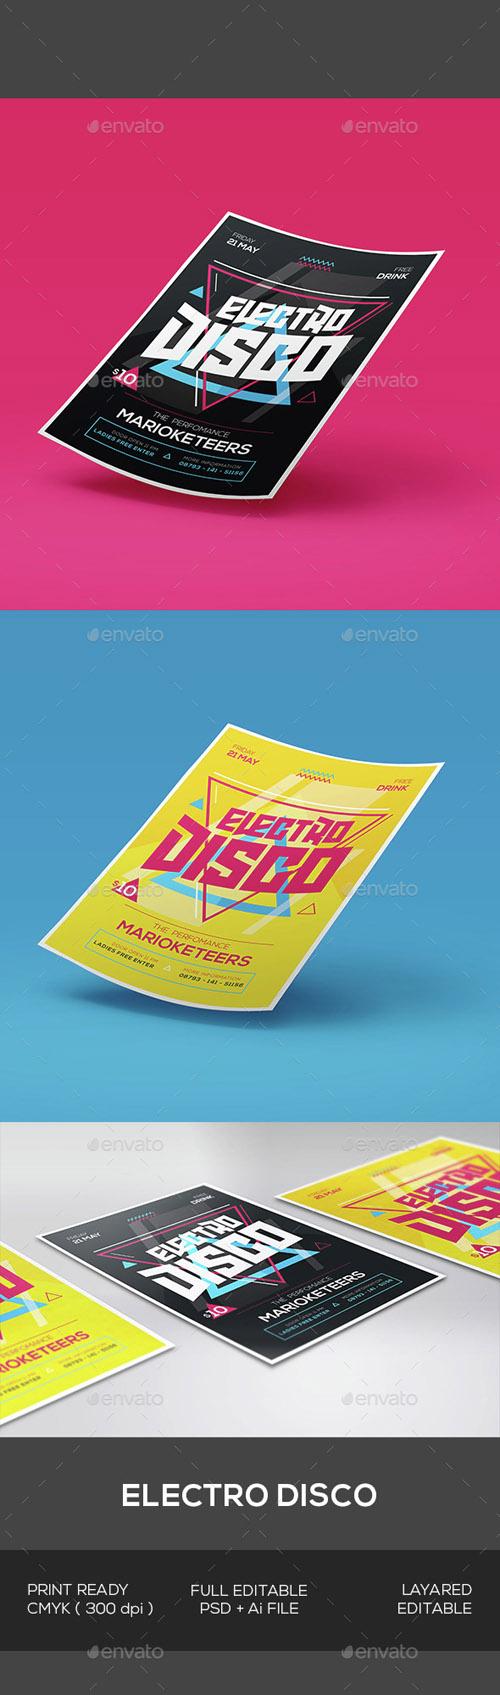 Electro Disco Flyer 15306095